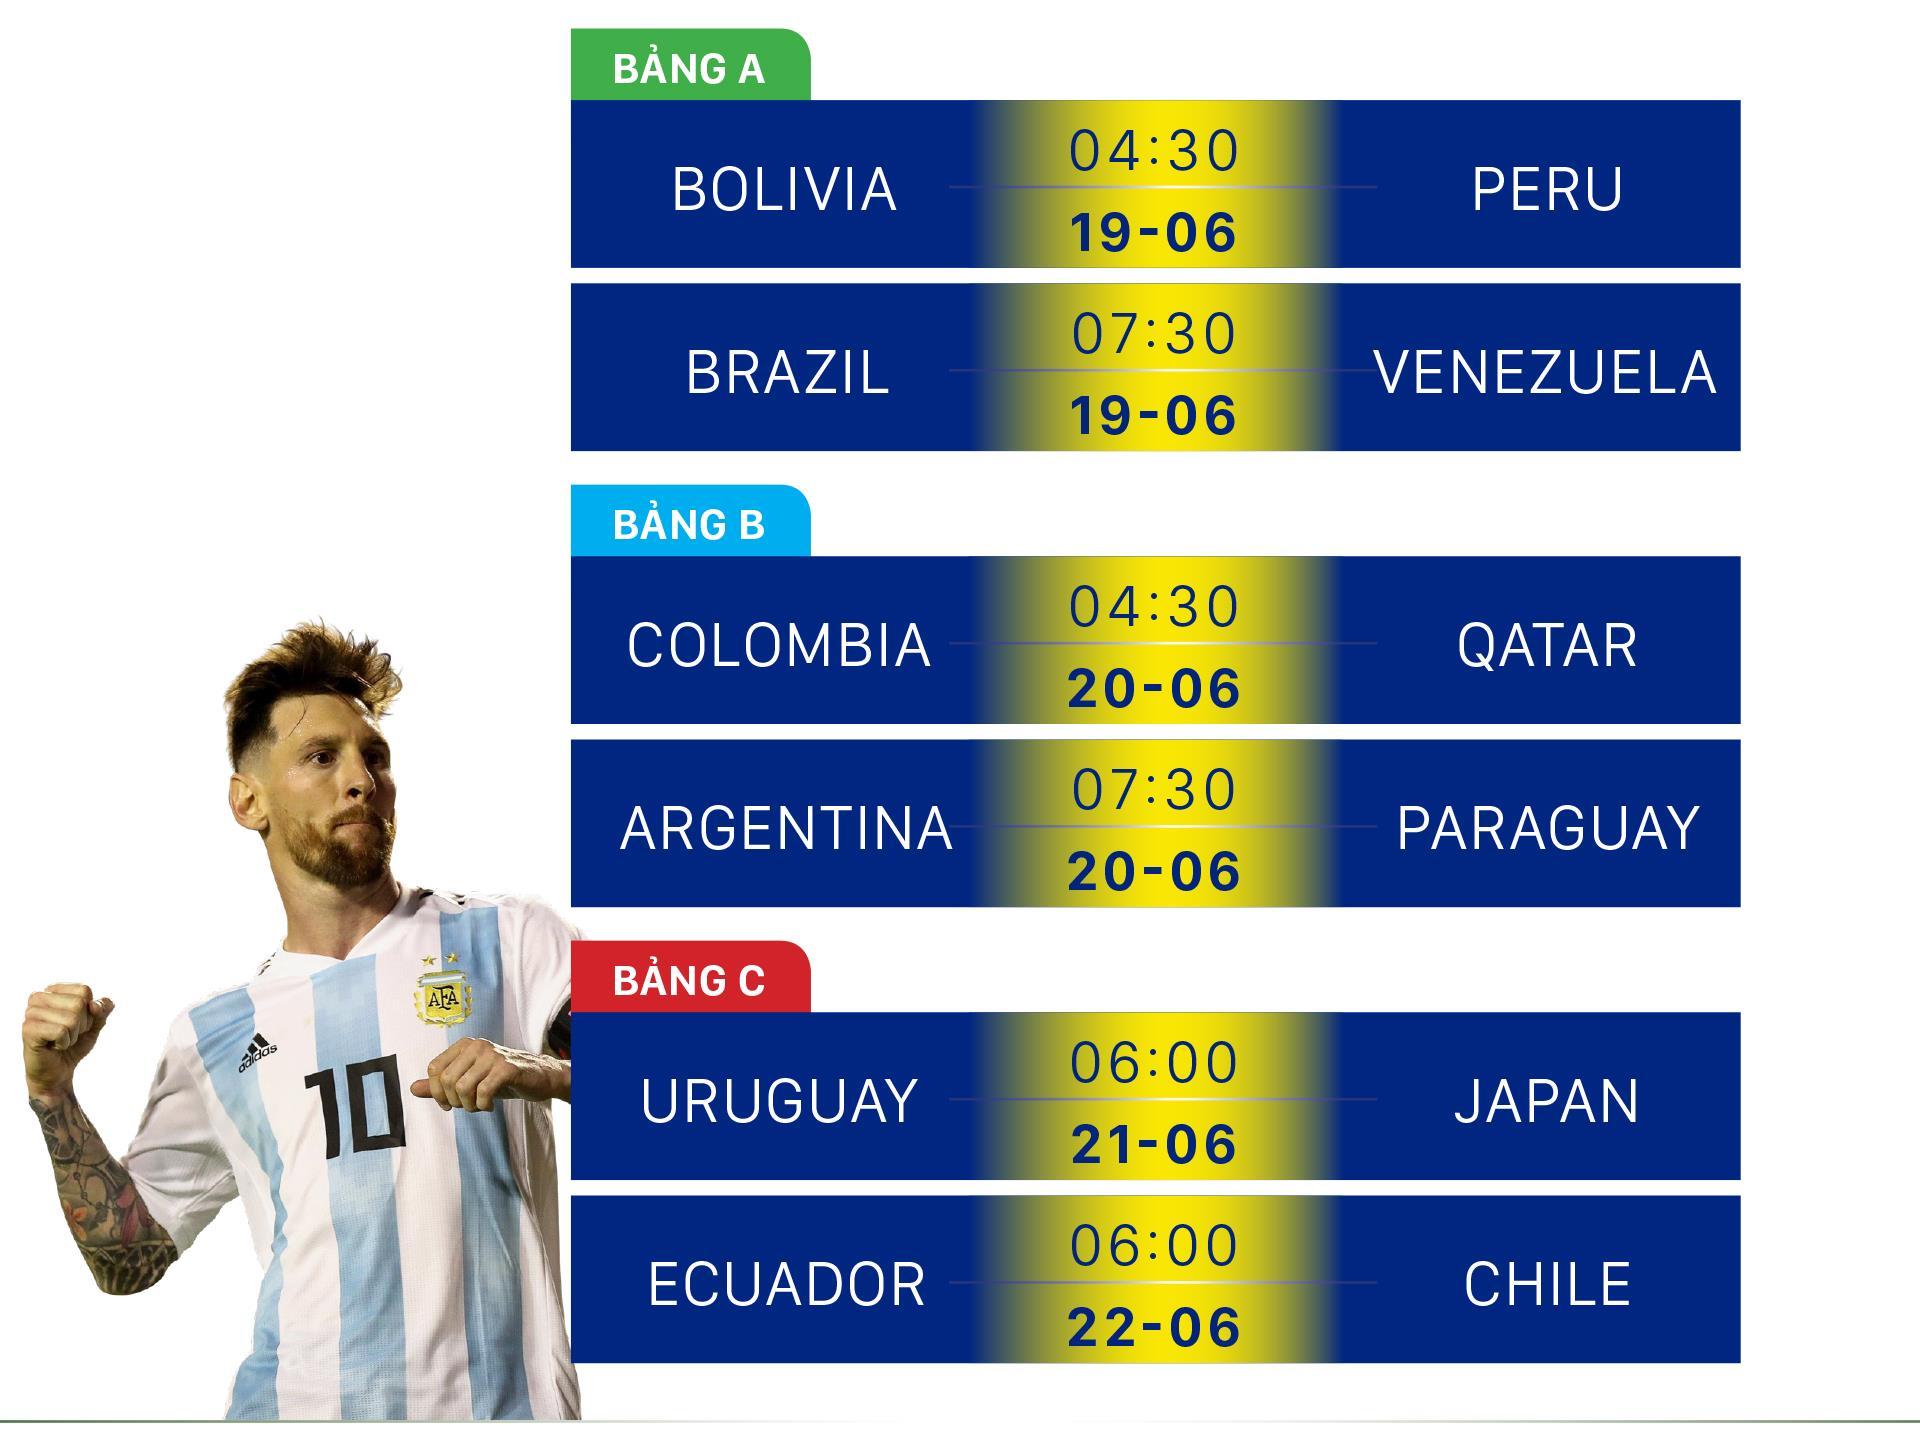 Lịch thi đấu bóng đá Copa America 2019  ảnh 2